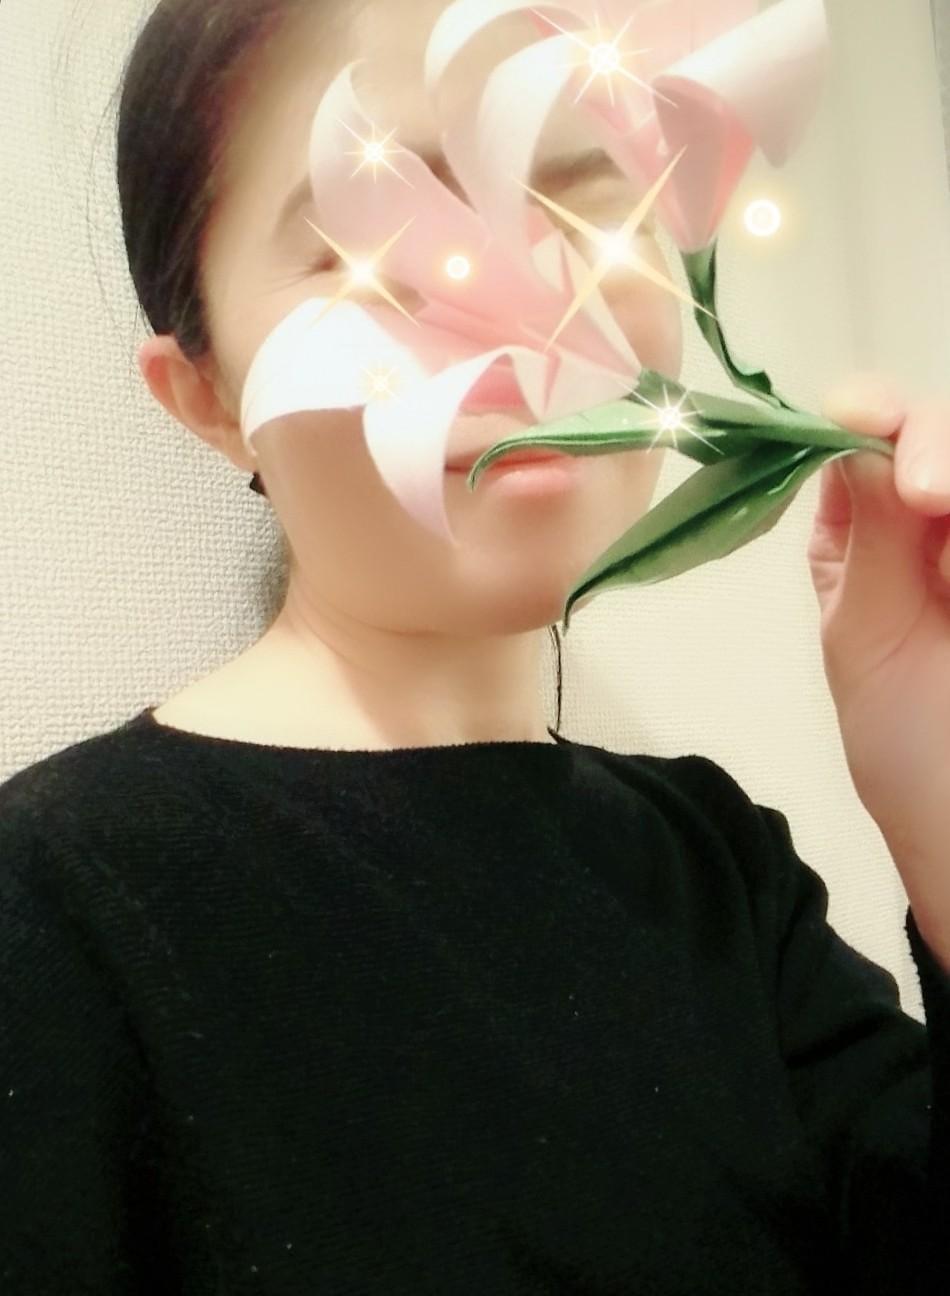 「お約束♪」02/16(日) 23:08   りりの写メ・風俗動画